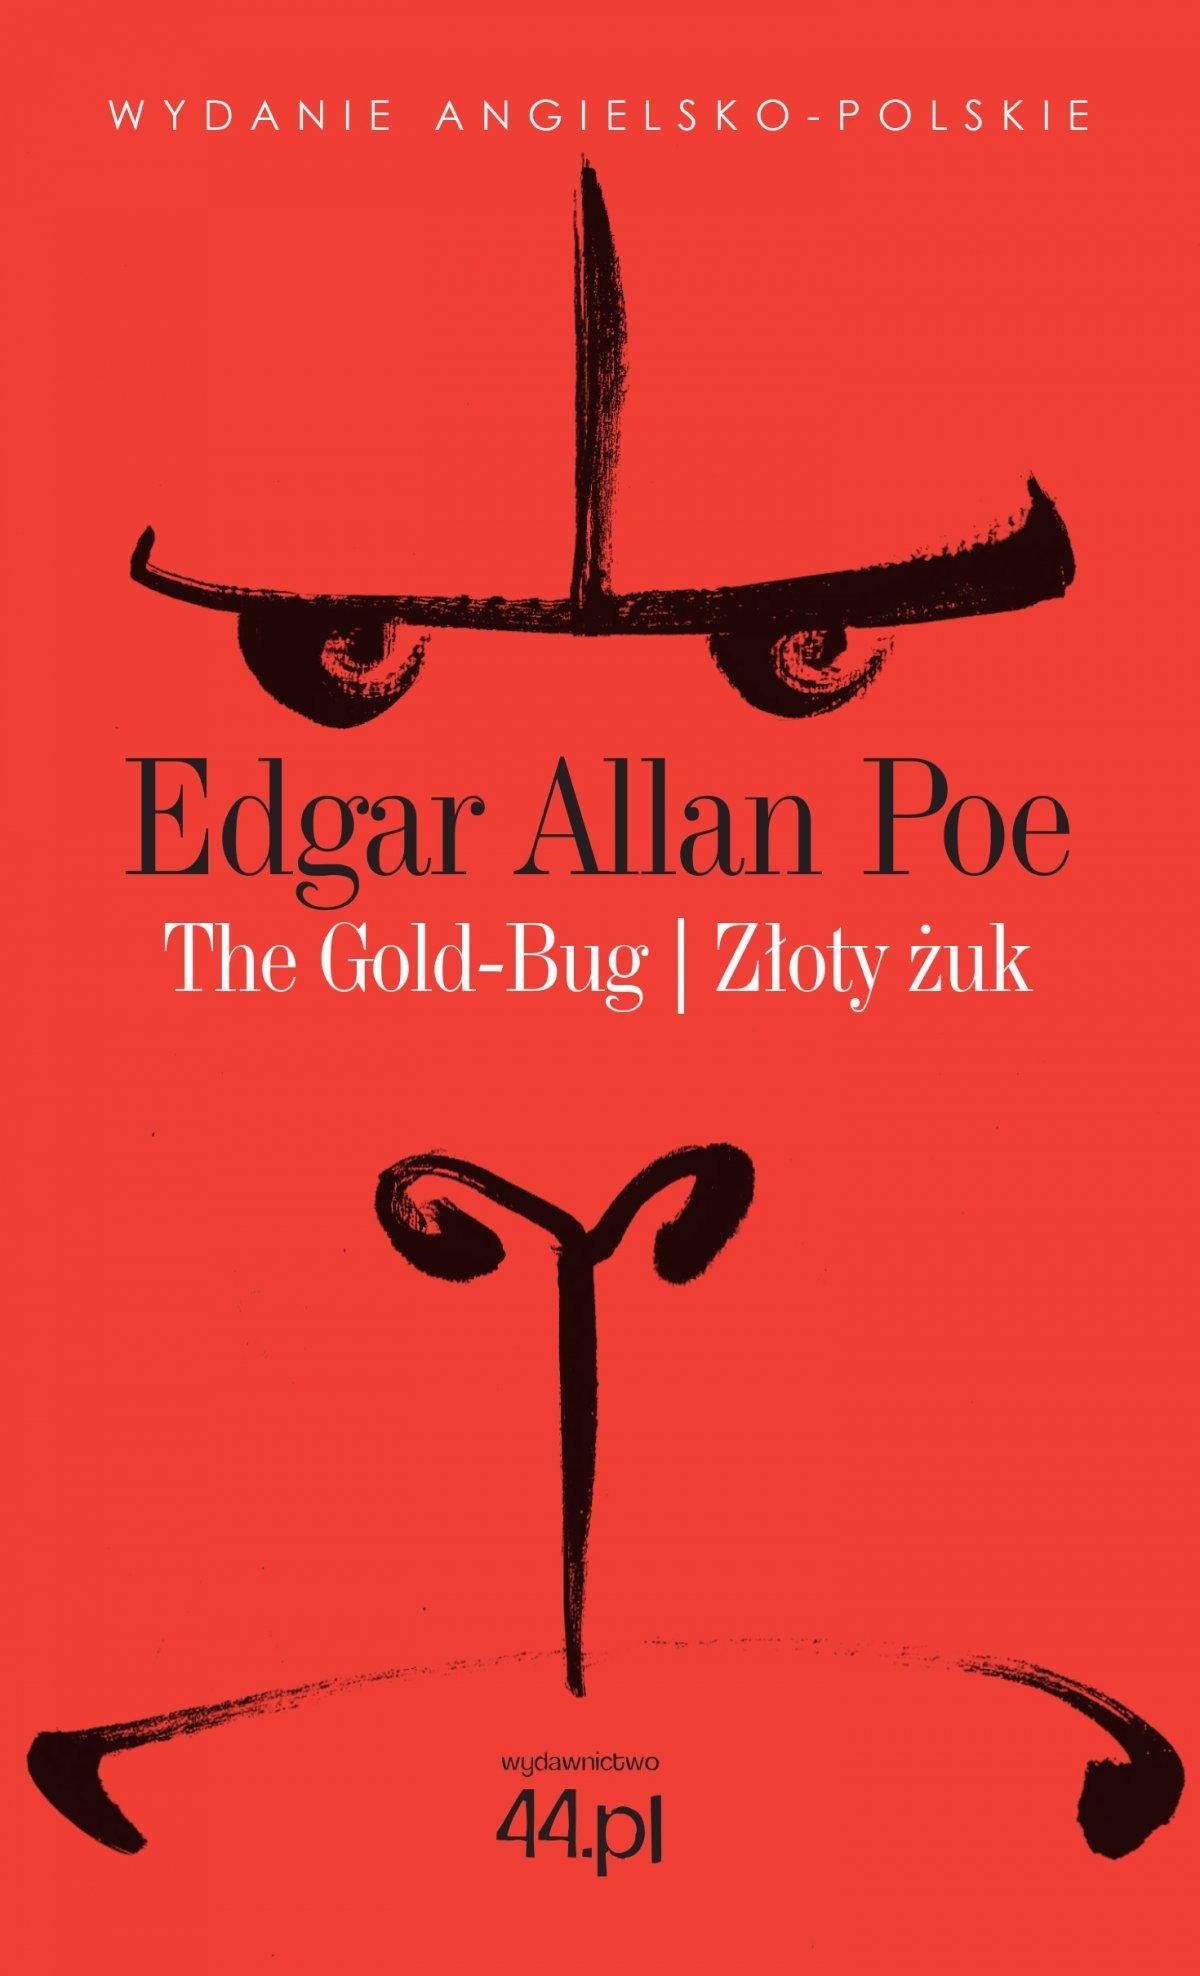 The Gold-Bug. Złoty żuk - Ebook (Książka na Kindle) do pobrania w formacie MOBI